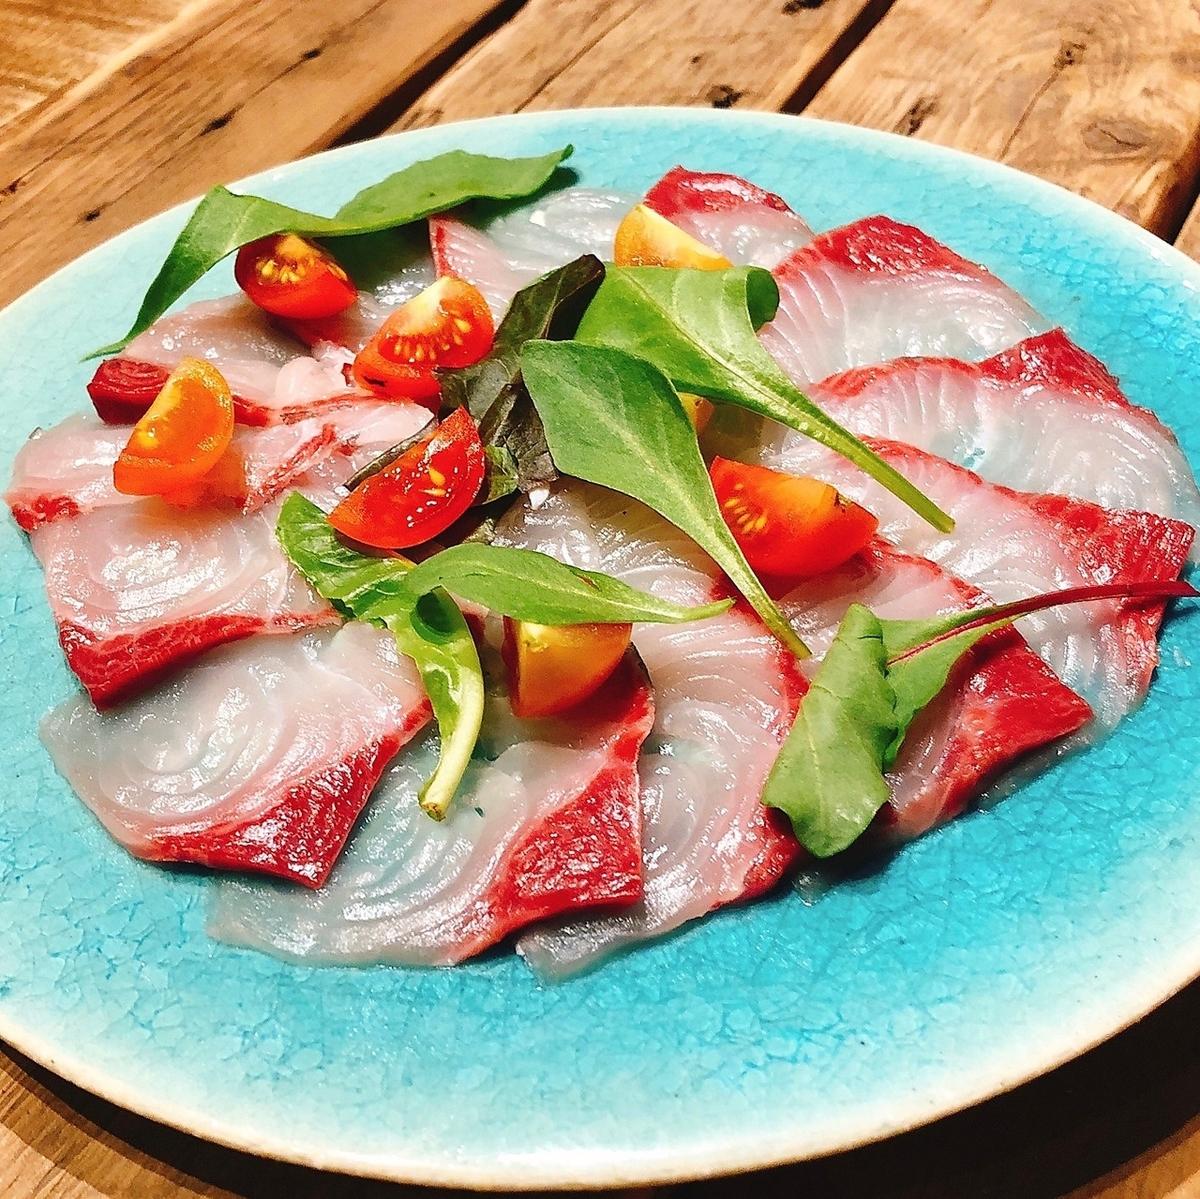 市場で仕入れた鮮魚のカルパッチョ